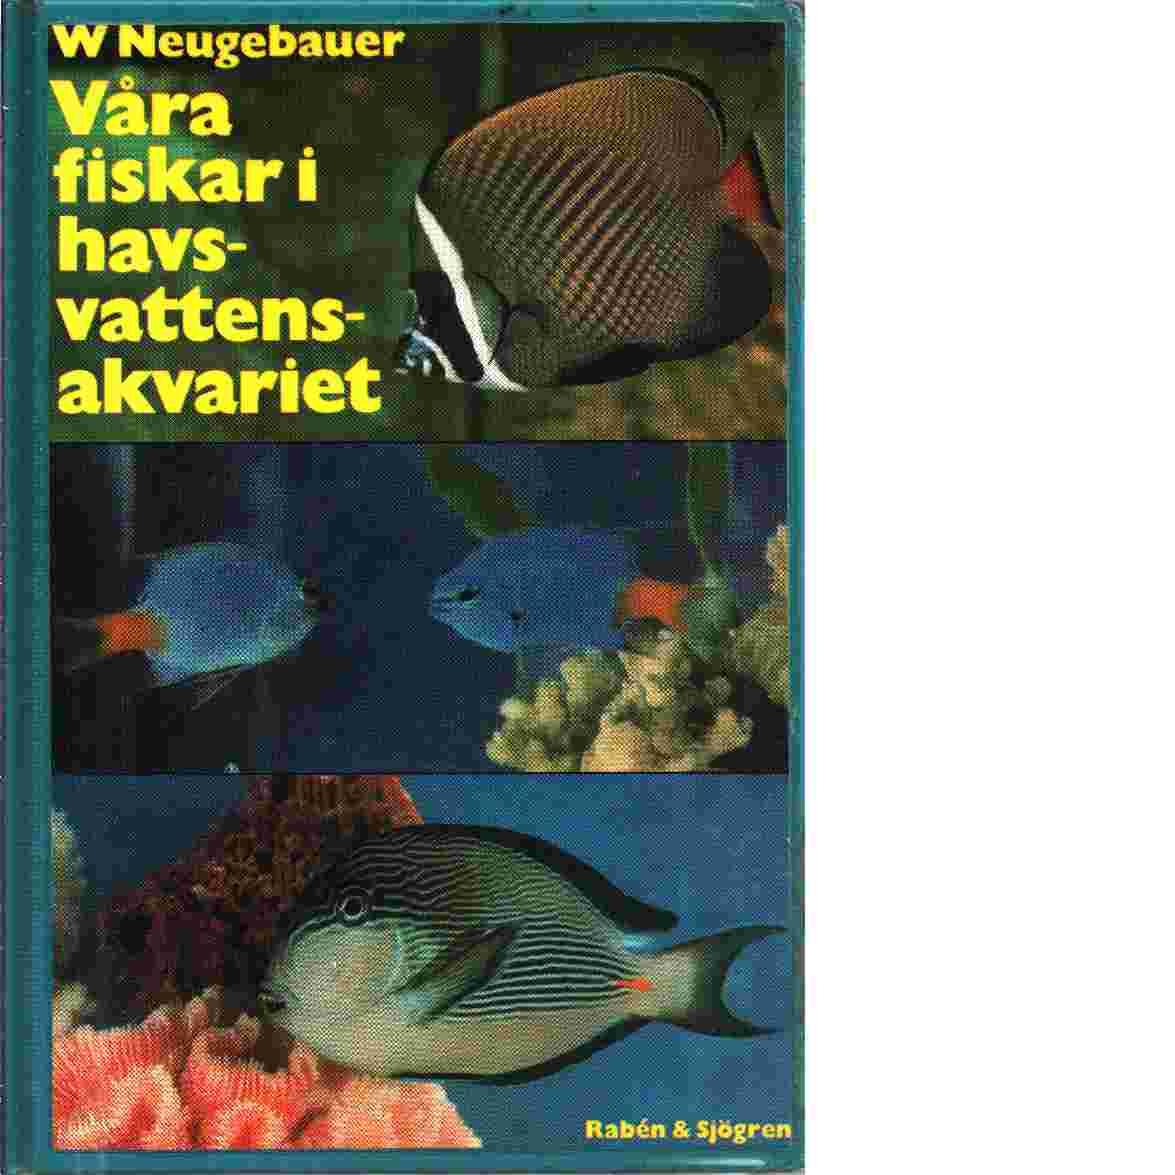 Våra fiskar i havsvattensakvariet - Neugebauer, Wilbert